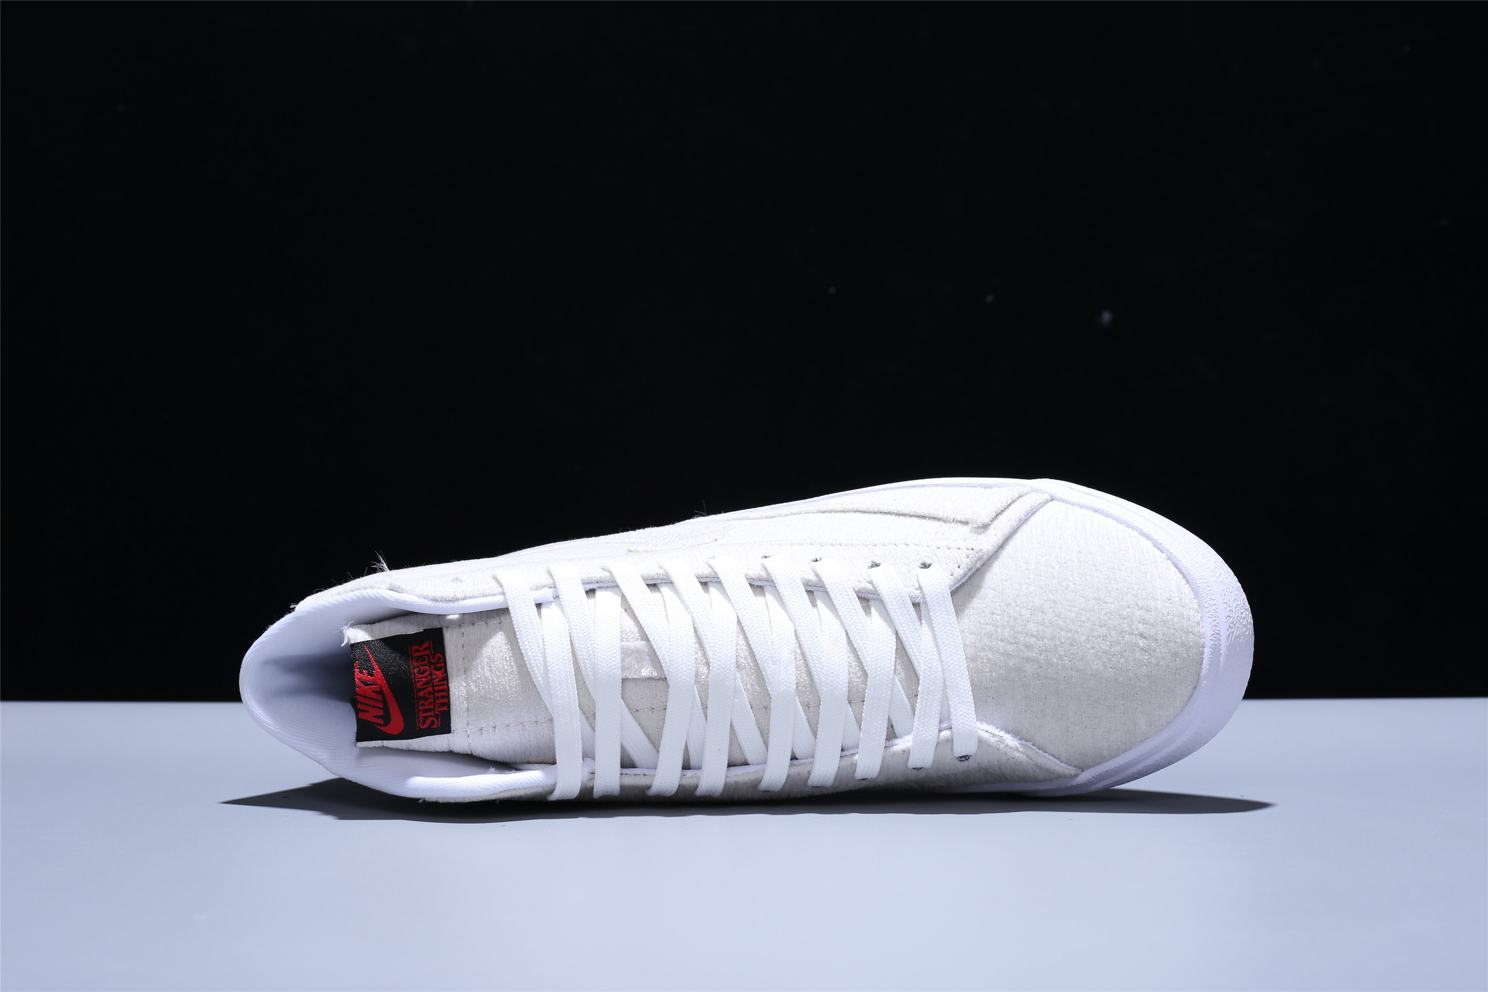 Nike Stranger Things x Blazer Mid QS Upside Down 8